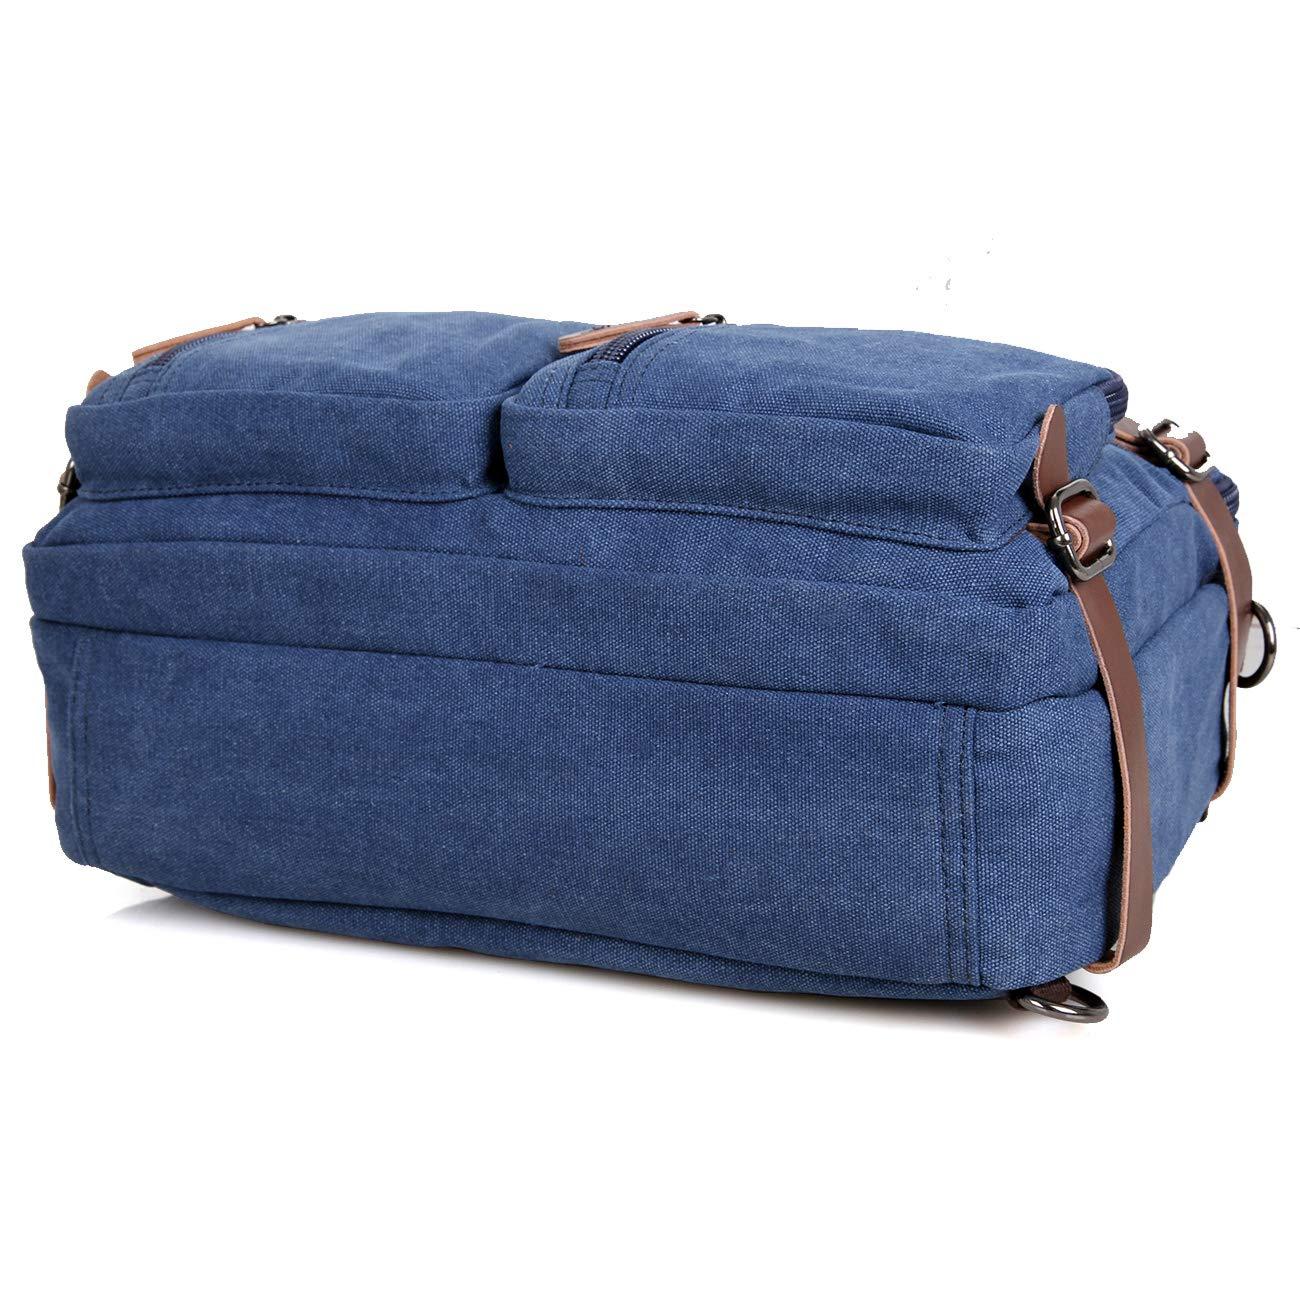 Clean Vintage Laptop Bag Hybrid Backpack Messenger Bag/Convertible Briefcase Backpack Satchel for Men Women- BookBag Rucksack Daypack-Waxed Canvas Leather, Blue by Clean Vintage (Image #8)